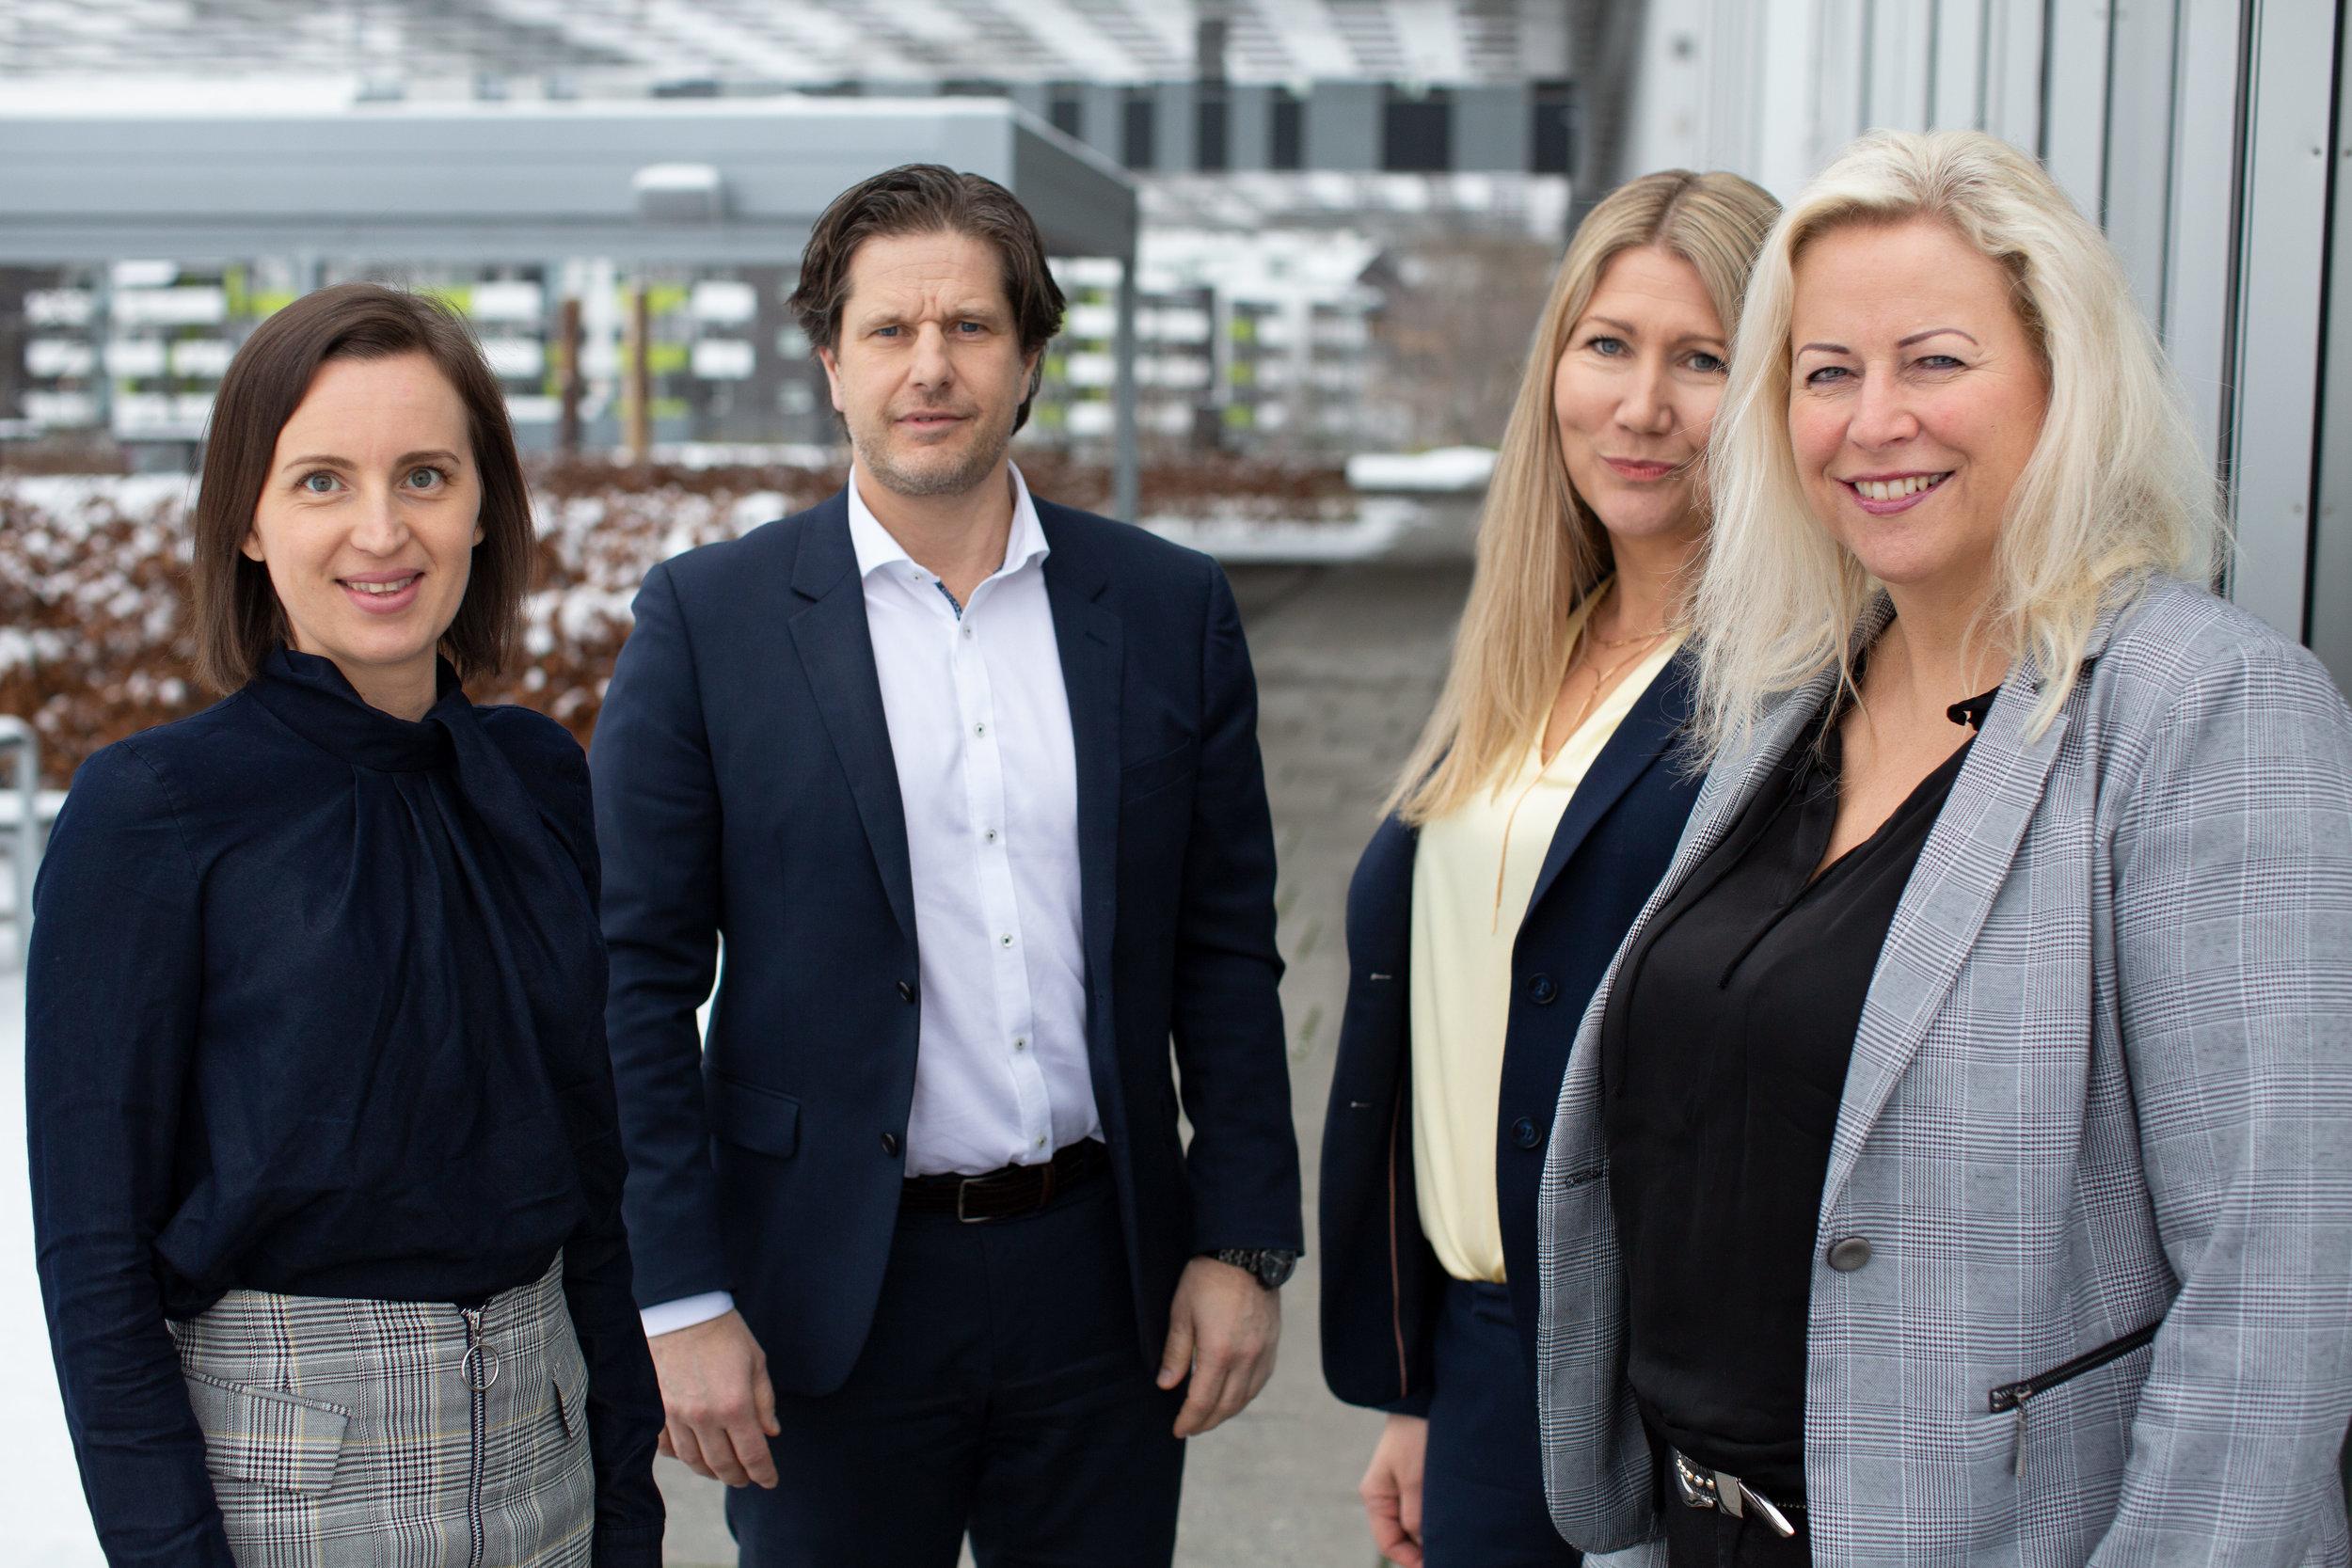 - Vi er stolte av å jobbe i organisasjon som Haut Nordic der kvinner og kvinnelige ledere heies fram, sier hotelldirektørene Silje Jørgensen (til venstre), Karoline Hammer-Larsen og Janne Johansen, her sammen med administrerende direktør Sondre Prestegard